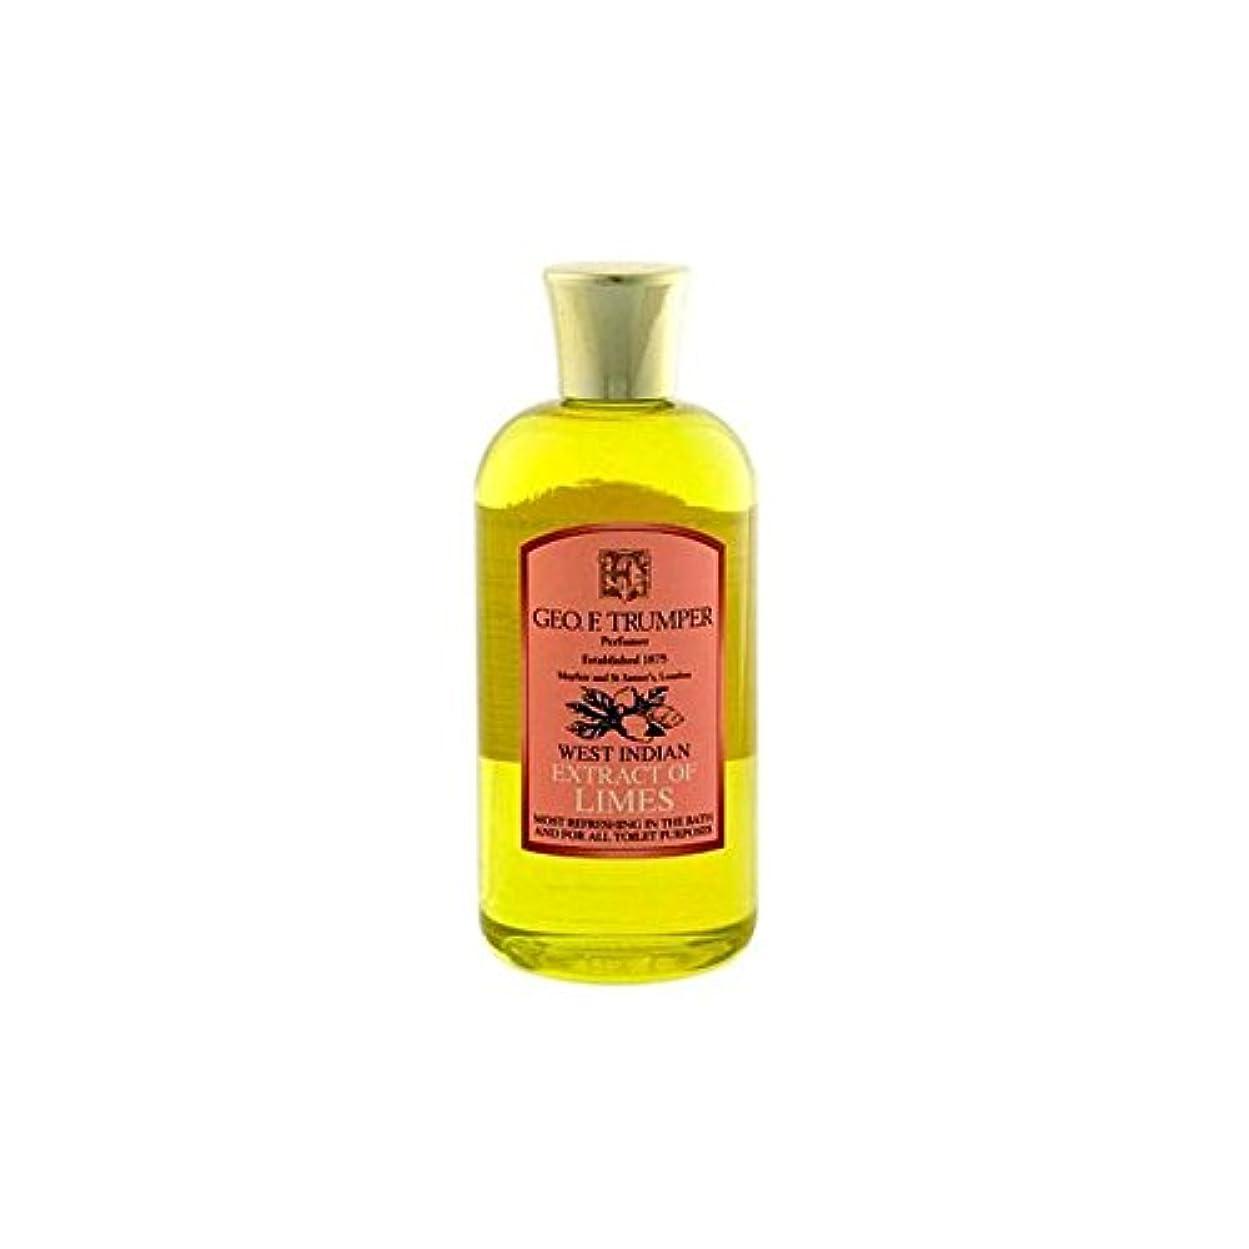 蓮意図する無視できるライムのバスタブとシャワージェル200の抽出物を x2 - Trumpers Extracts of Limes Bath and Shower Gel 200ml (Pack of 2) [並行輸入品]